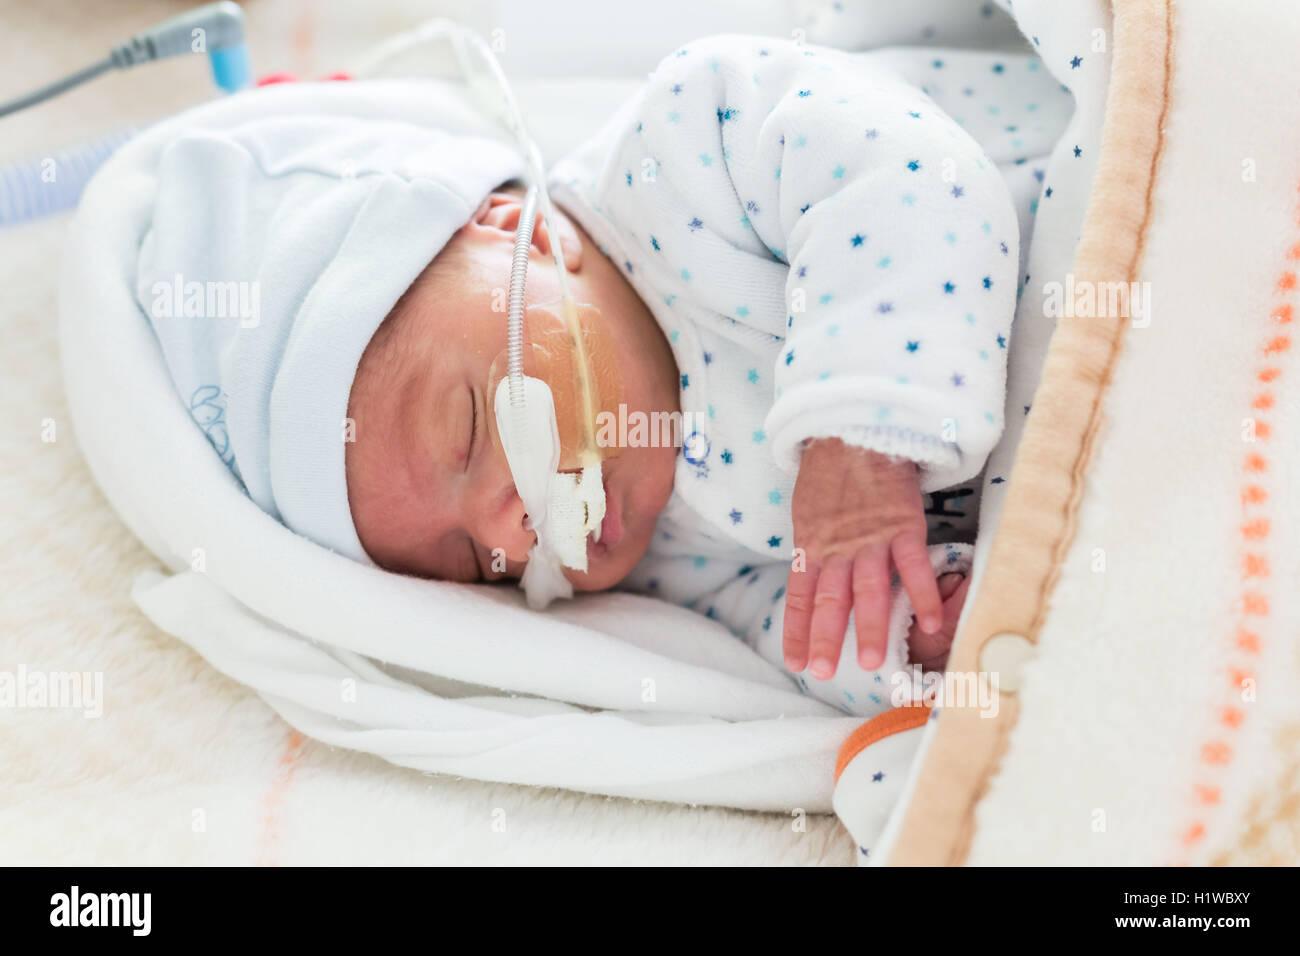 Vorzeitigen Neugeborenen unter Unterstützung der Atmung, CHU Bordeaux gestellt. Stockfoto